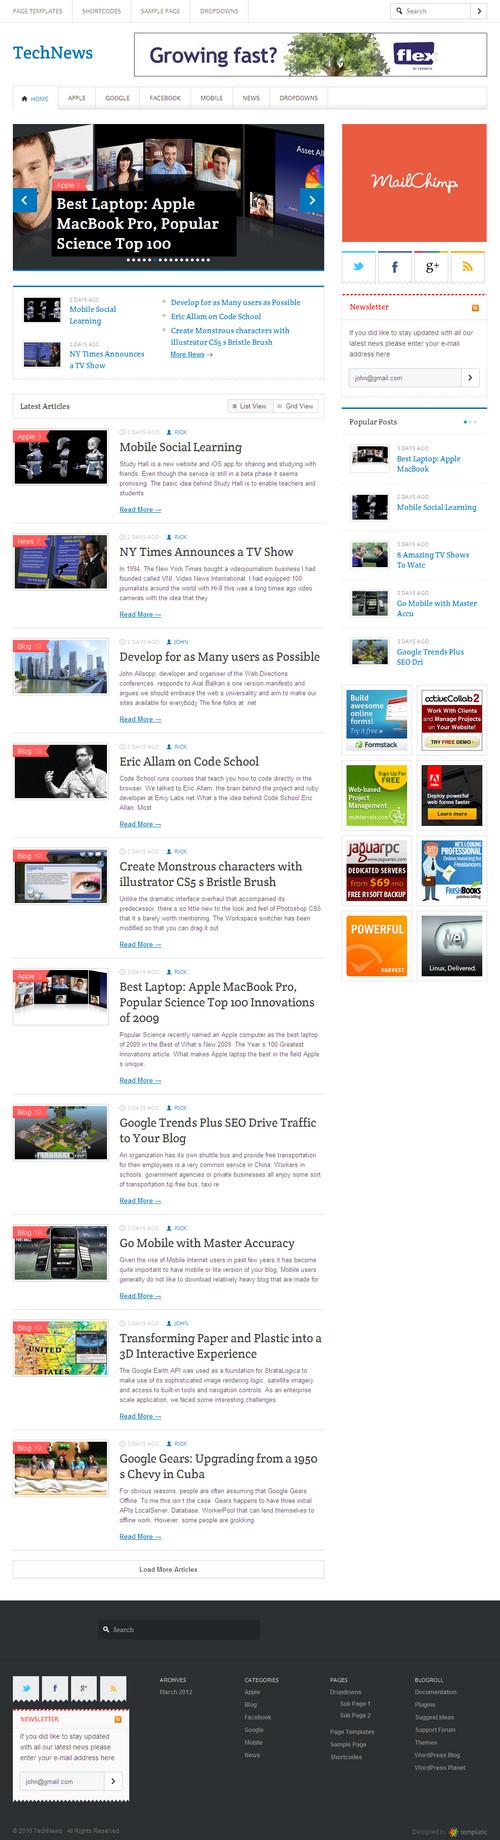 TechNews WordPress Theme